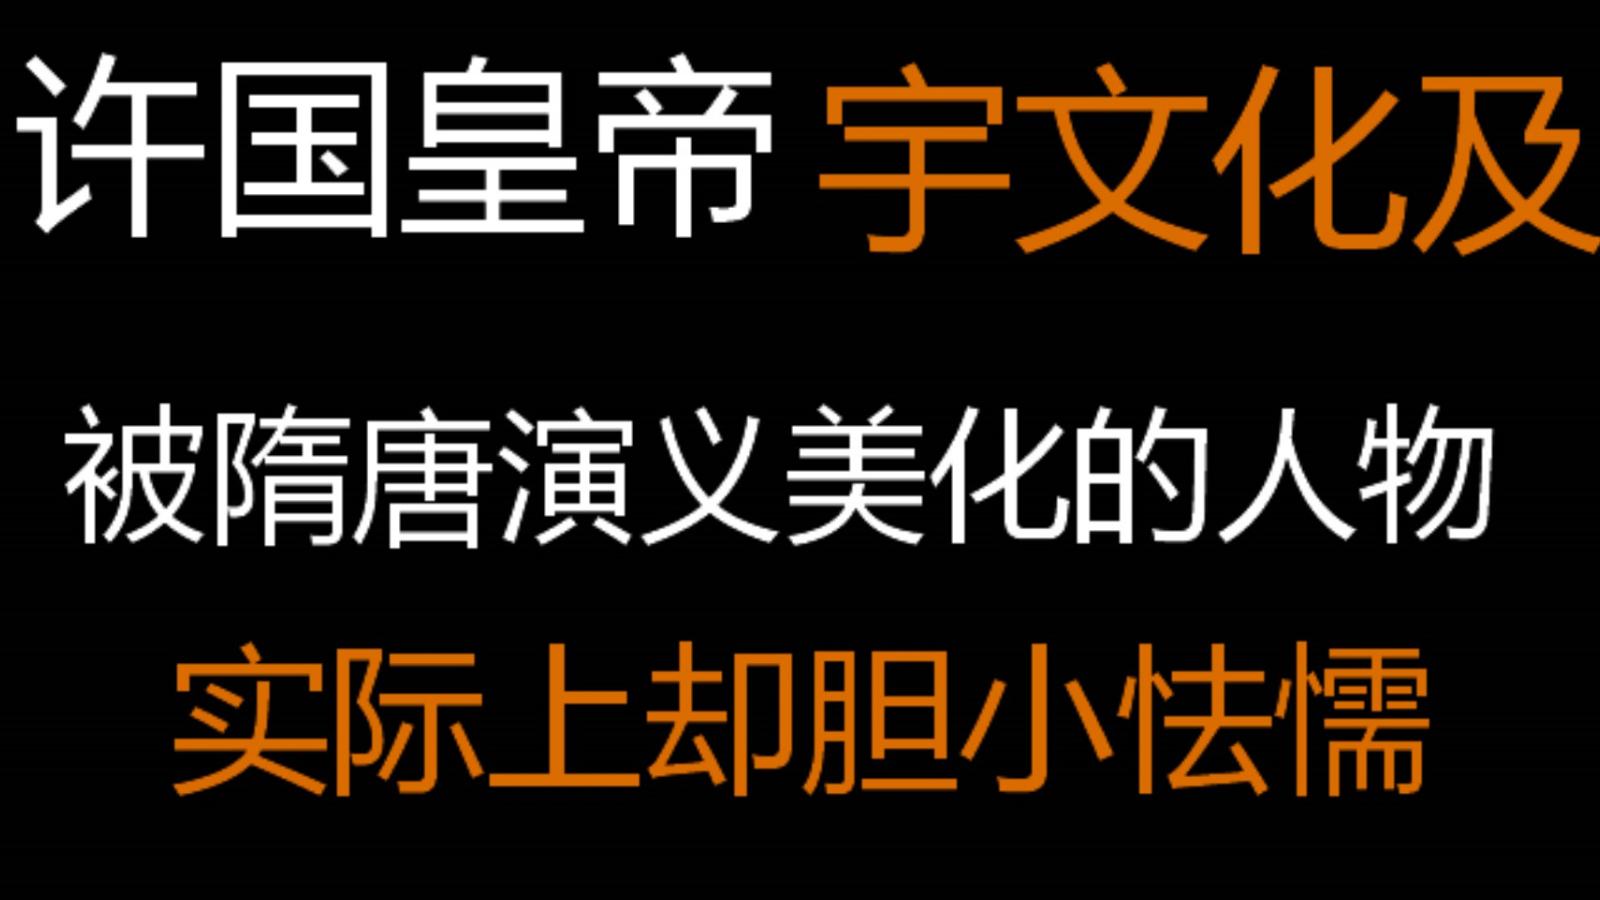 【奸臣现形记】#2我叫宇文化及,我并不是真的想杀杨广,我的队伍里有坏人啊